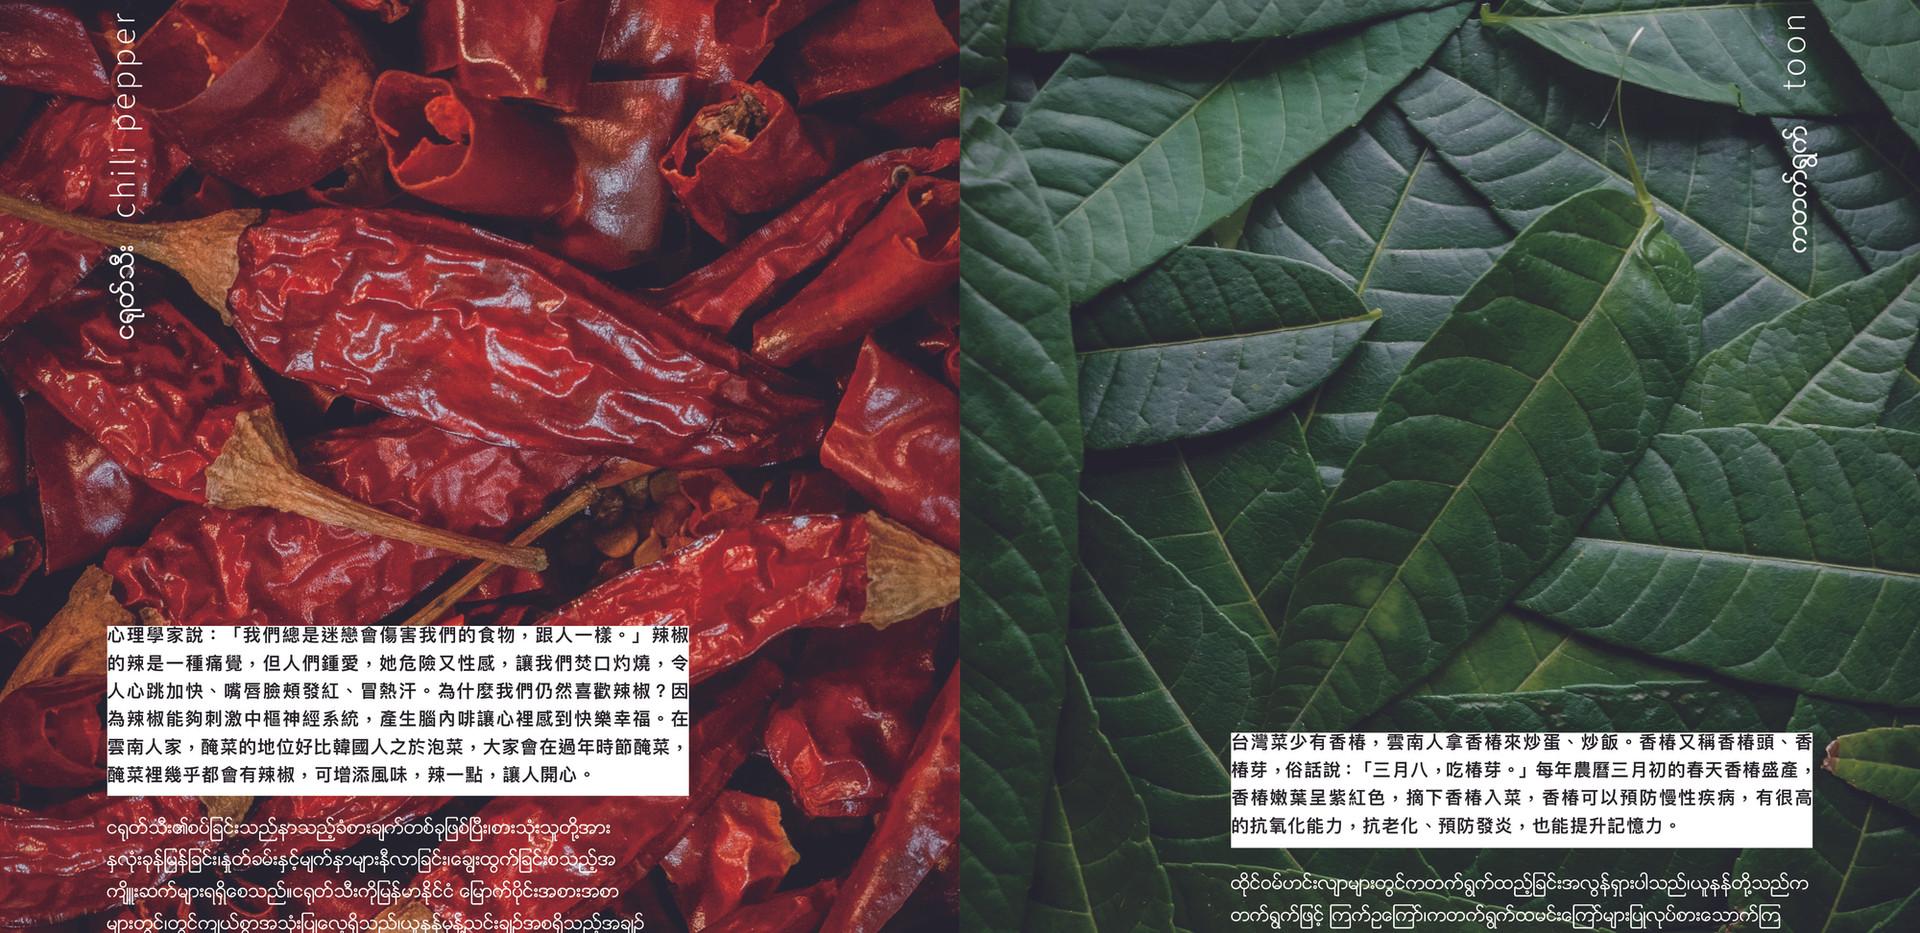 vol.6-稀豆粉粑粑絲-17x24cm-final21.jpg